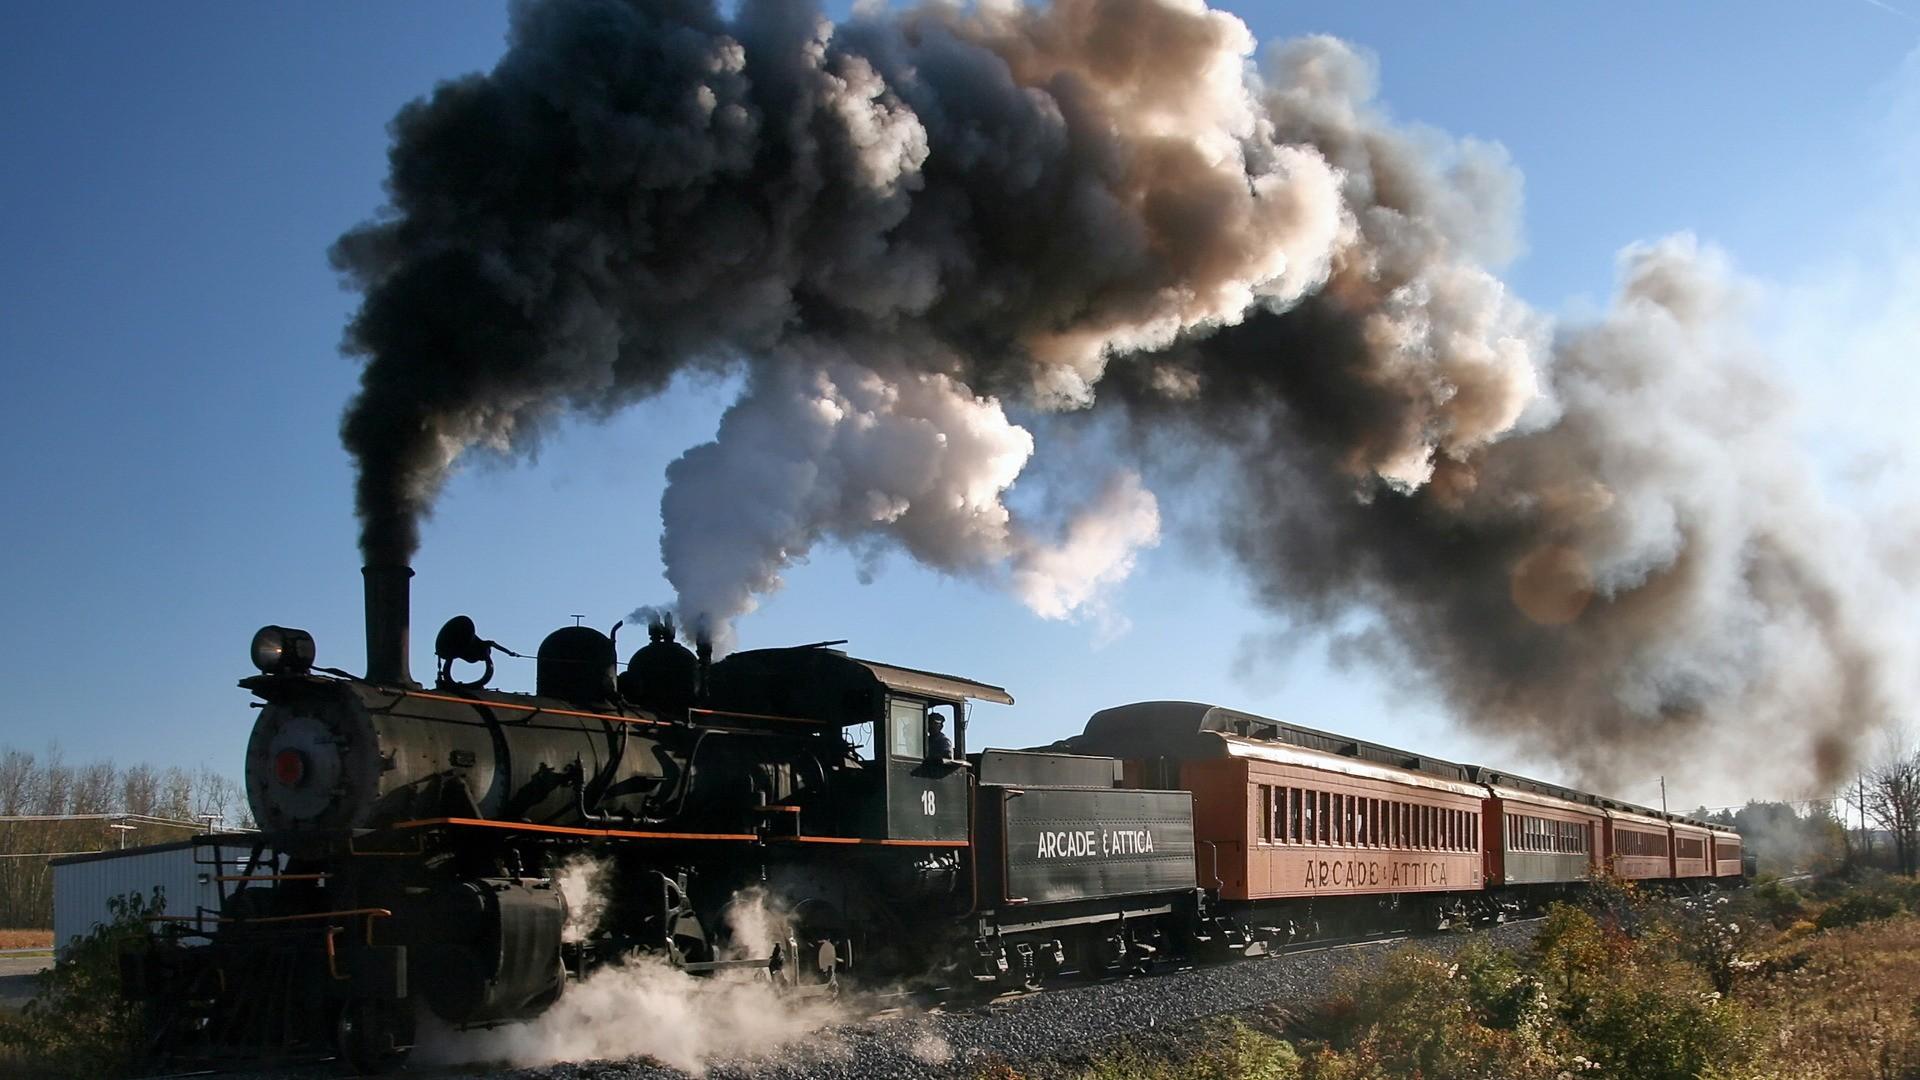 Wall trains Steam train vehicles trainway wallpaper 1920x1080 1920x1080